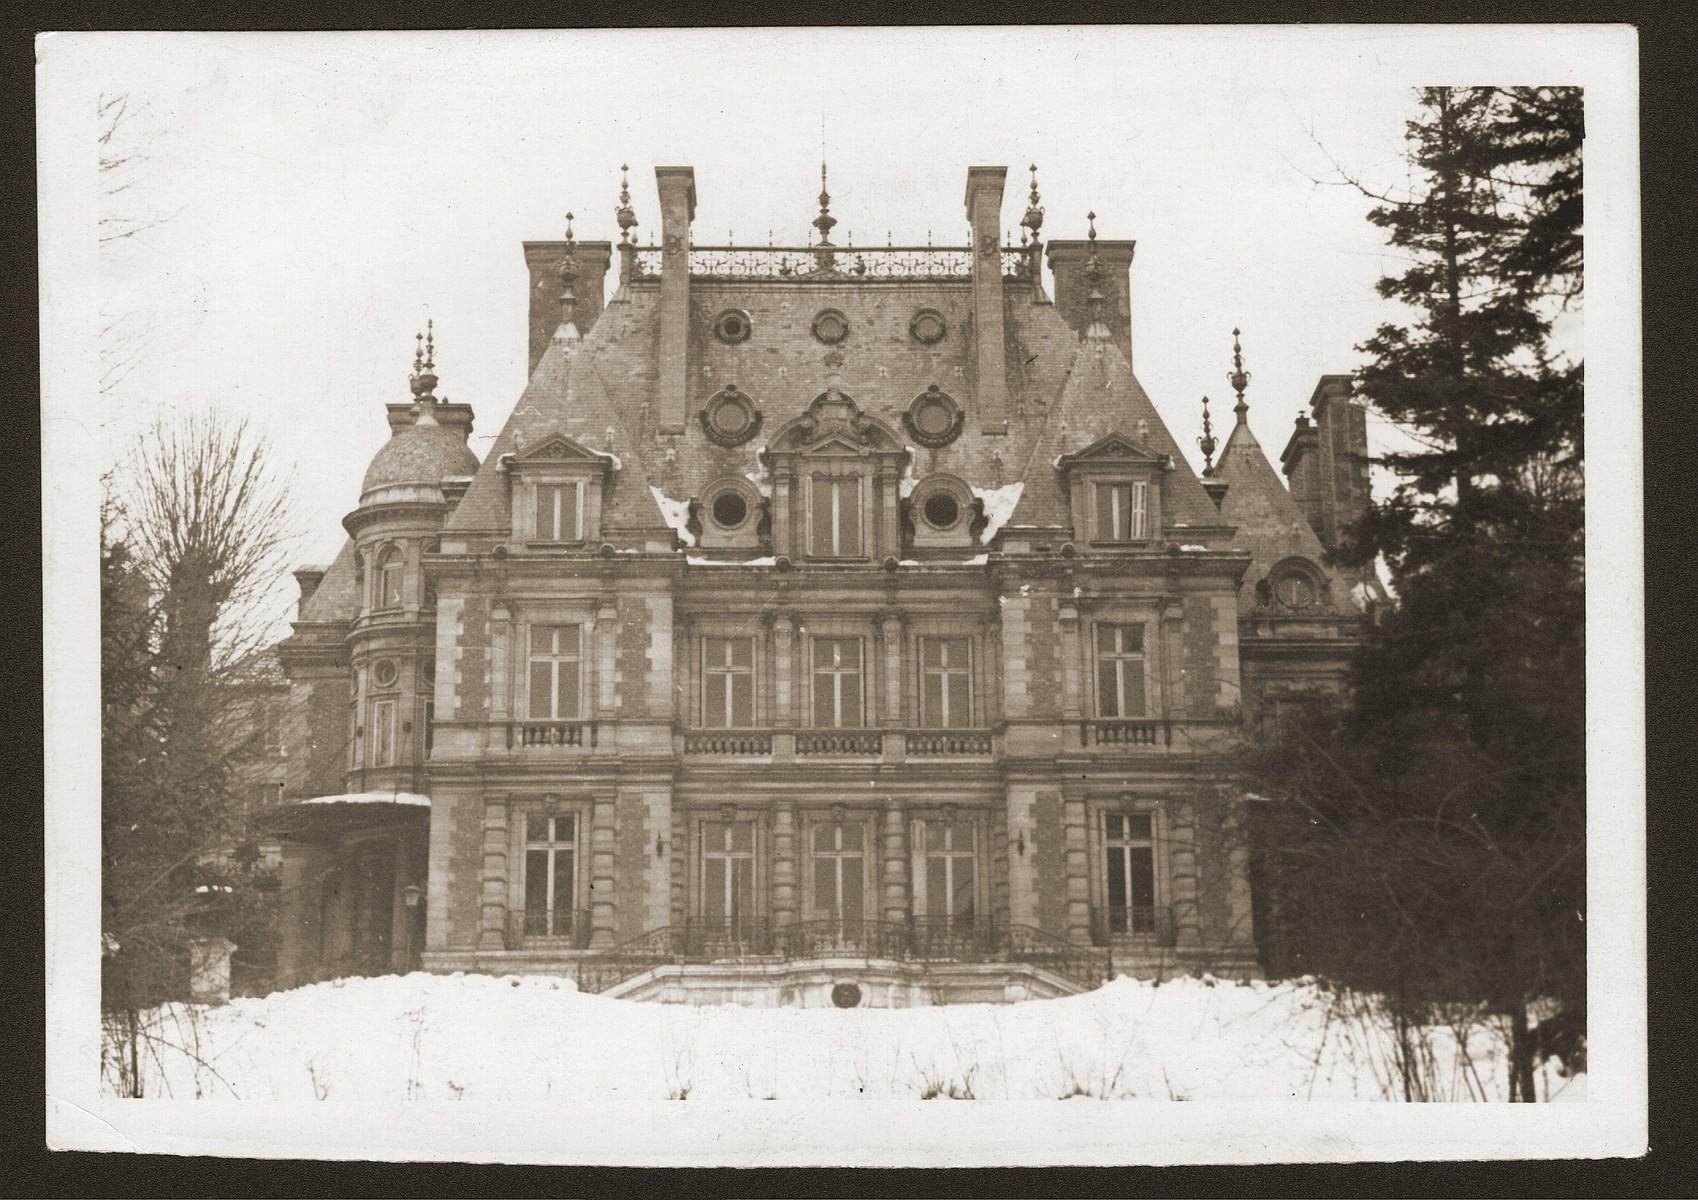 View of Château de Boucicaut, the OSE (Oeuvre de Secours aux Enfants) children's home at Fontenay aux Roses.